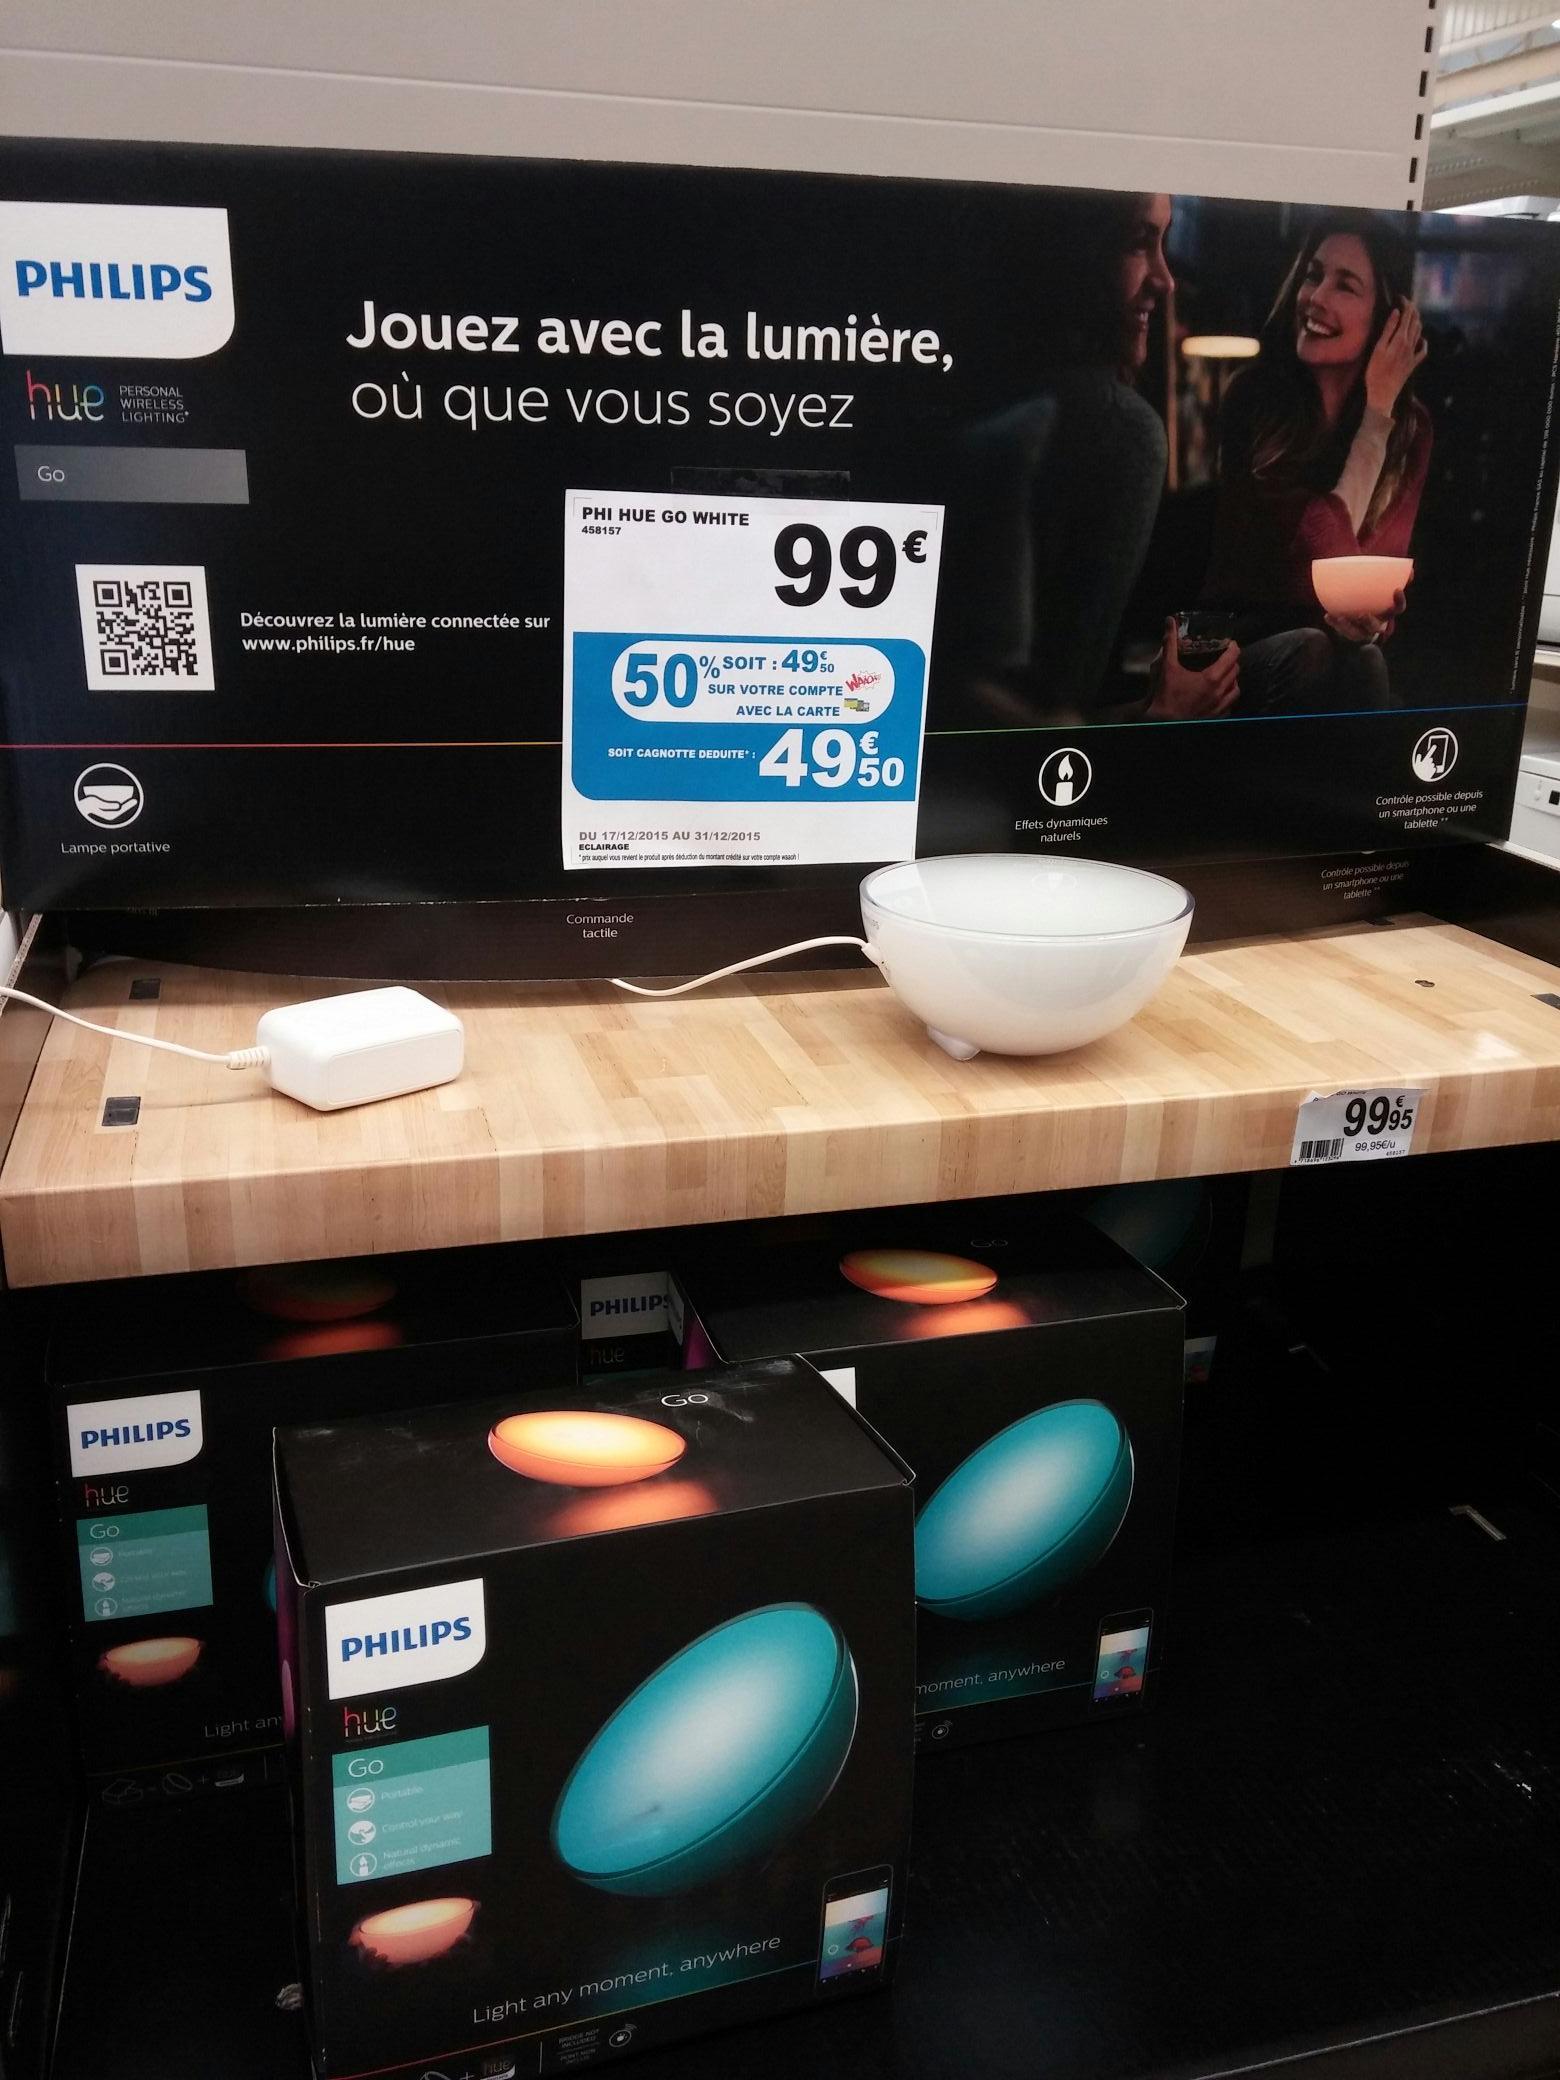 Lampe d'ambiance connectée Philips Hue Go (Avec 49.5€ sur la carte Waaoh)